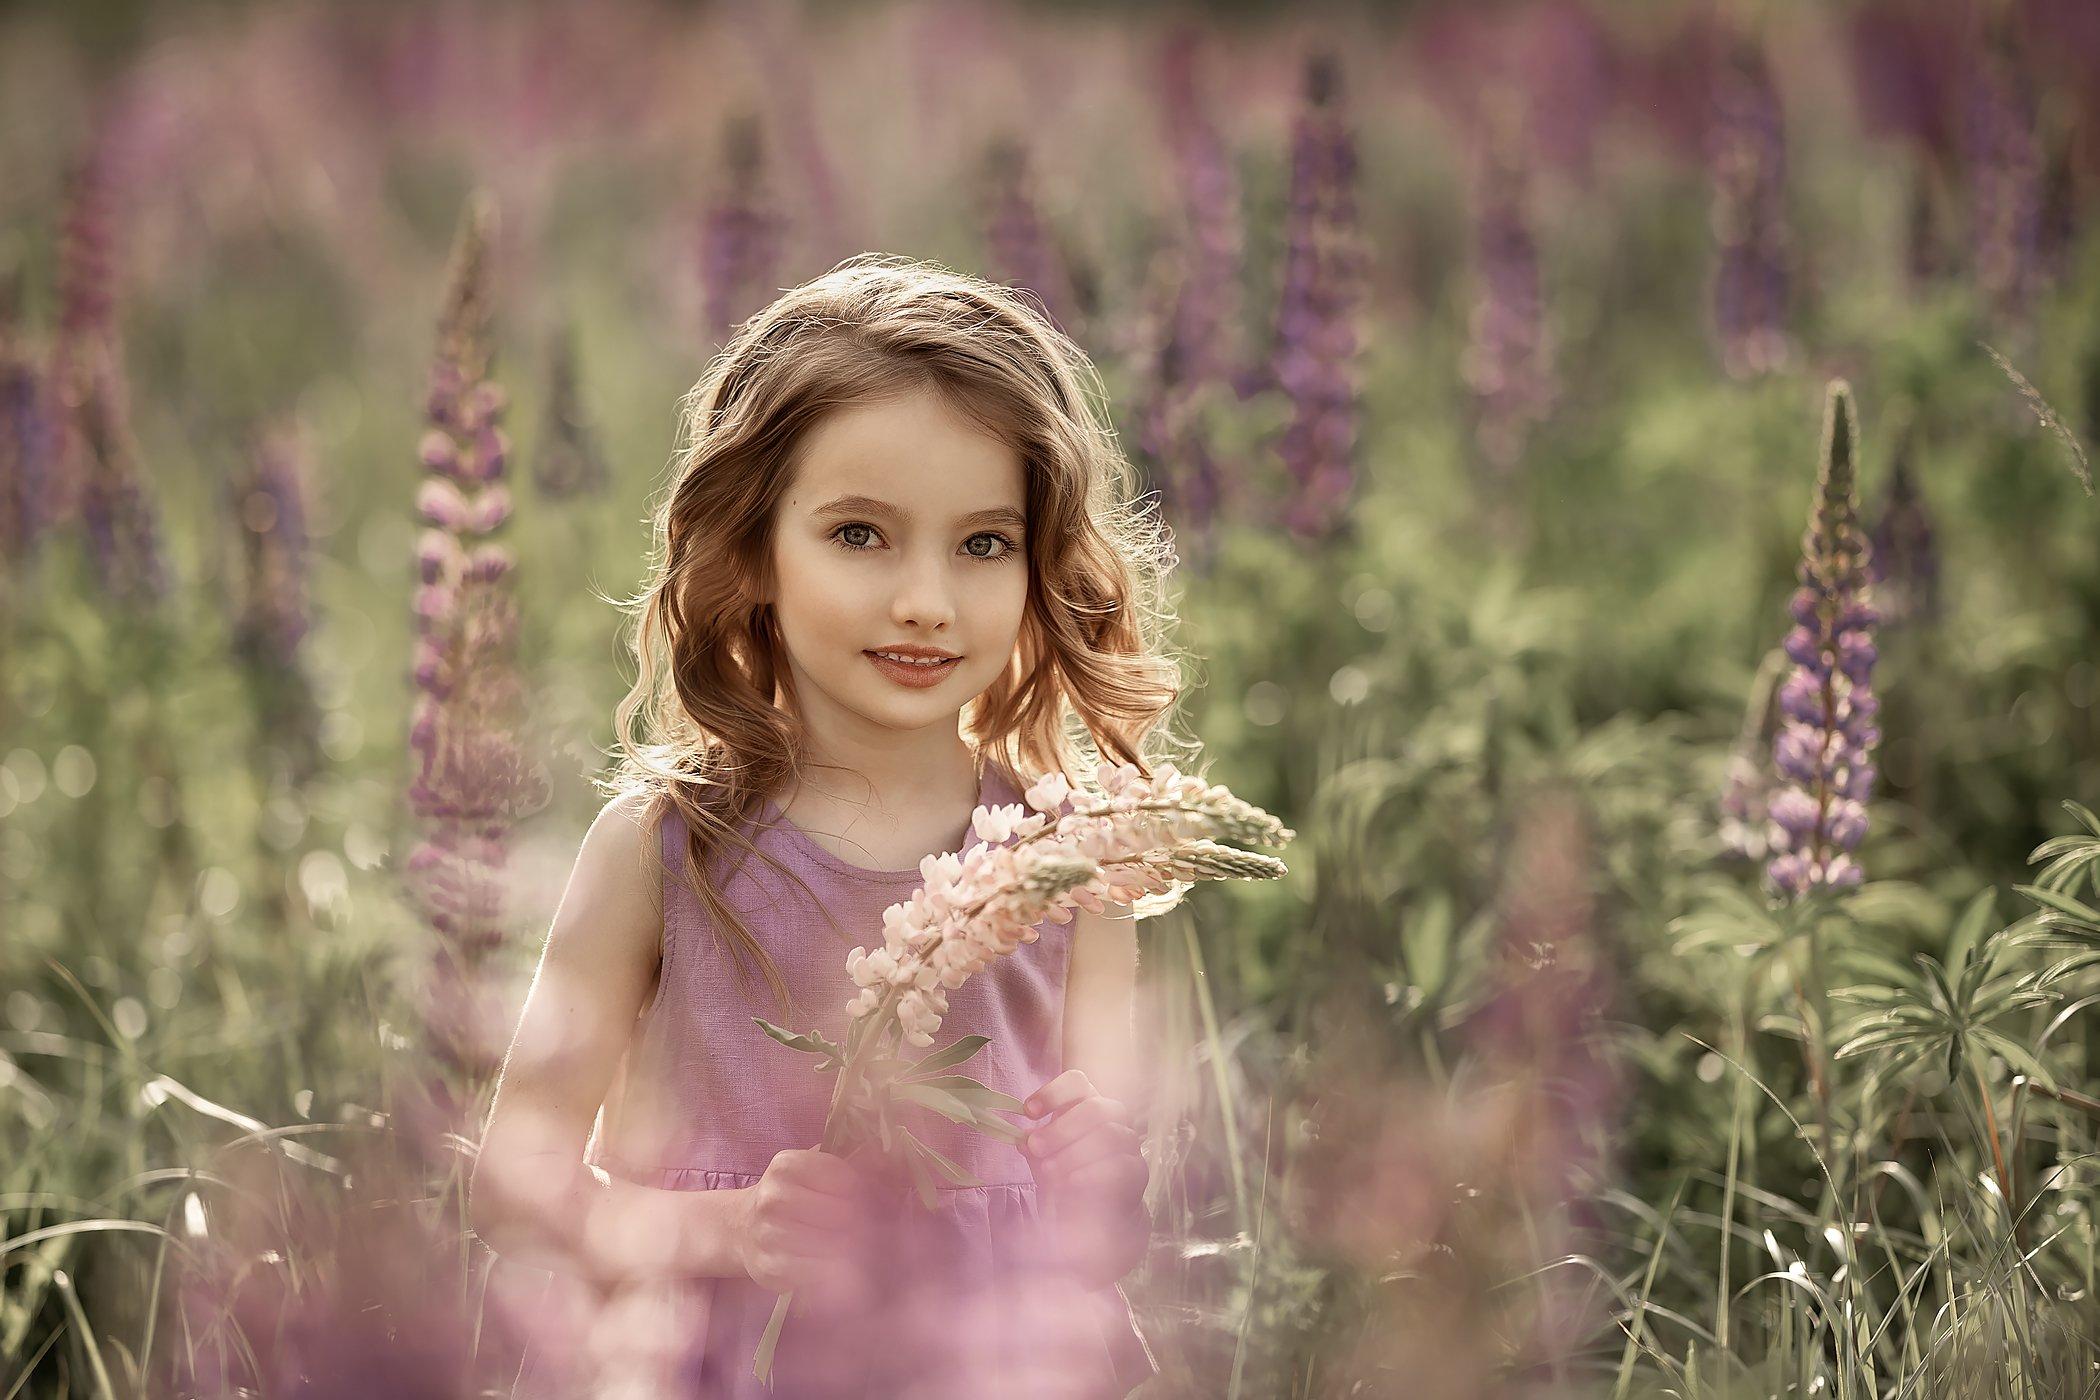 детский портрет  портрет  люпины цветы, Соловьёва Елена